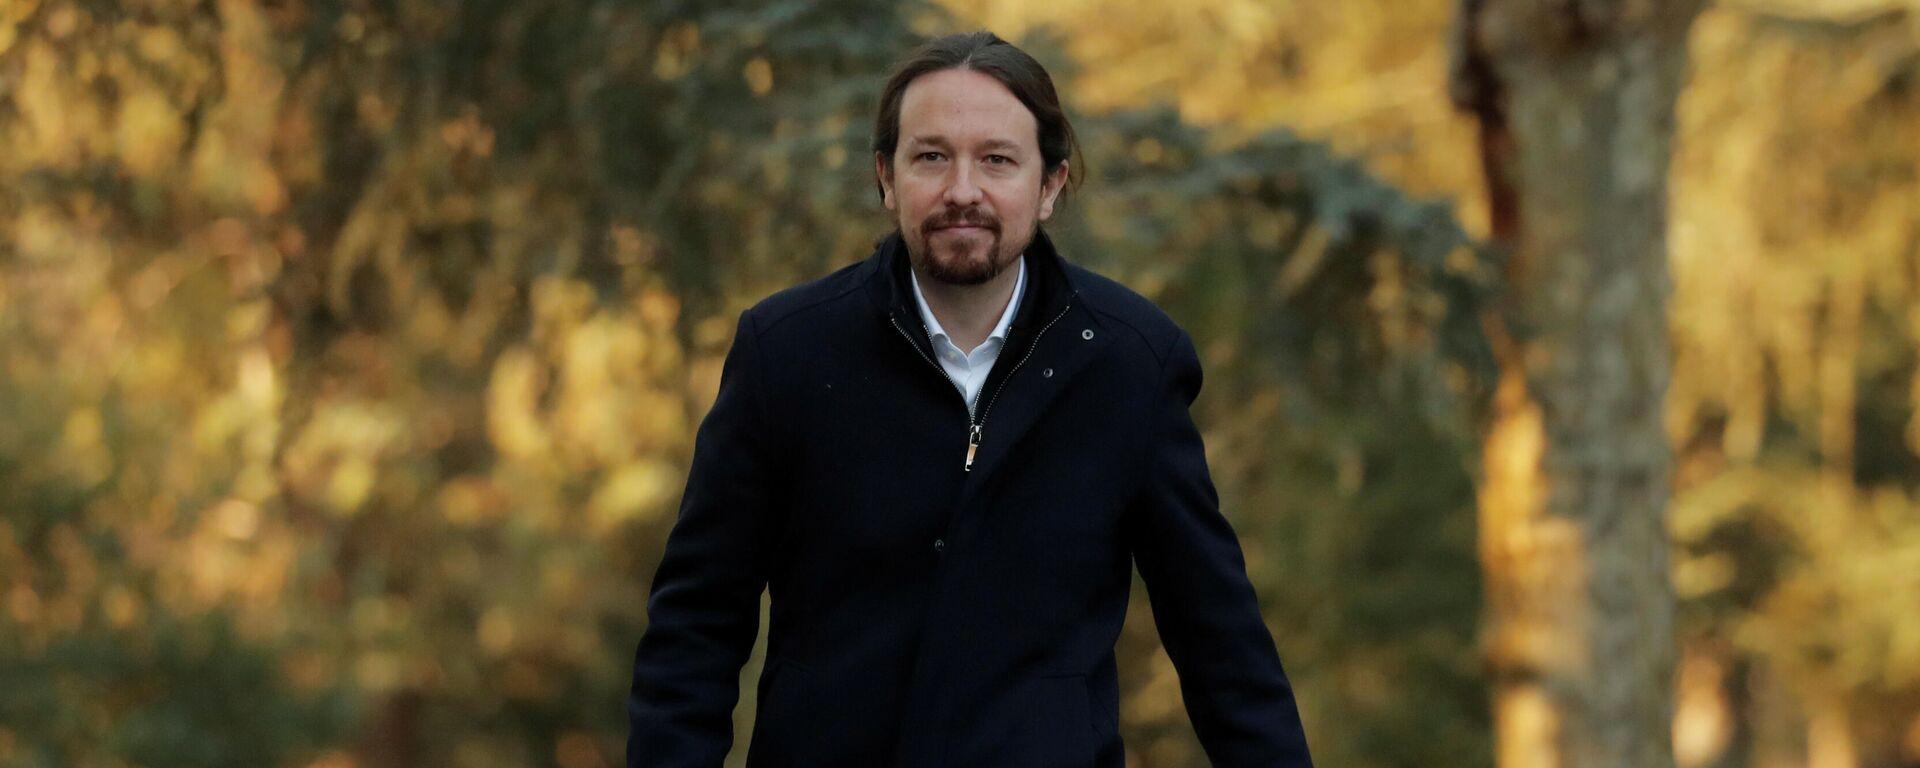 Pablo Iglesias, exlider de Podemos - Sputnik Mundo, 1920, 16.03.2021